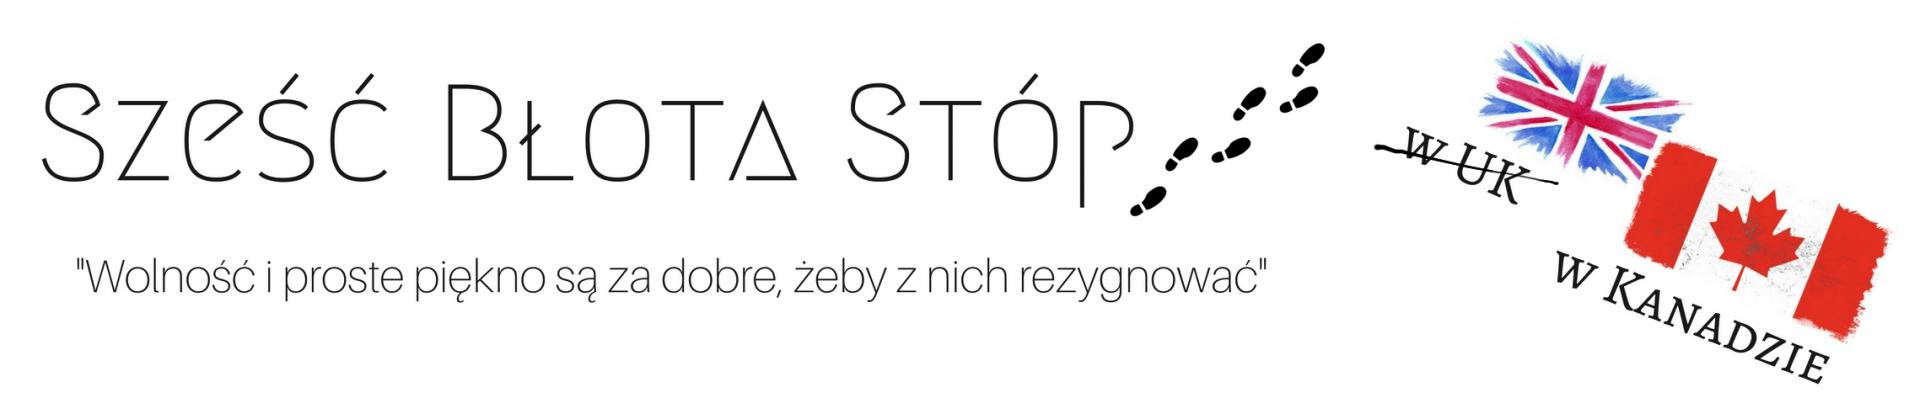 Sześć Błota Stóp   szescblotastop.com